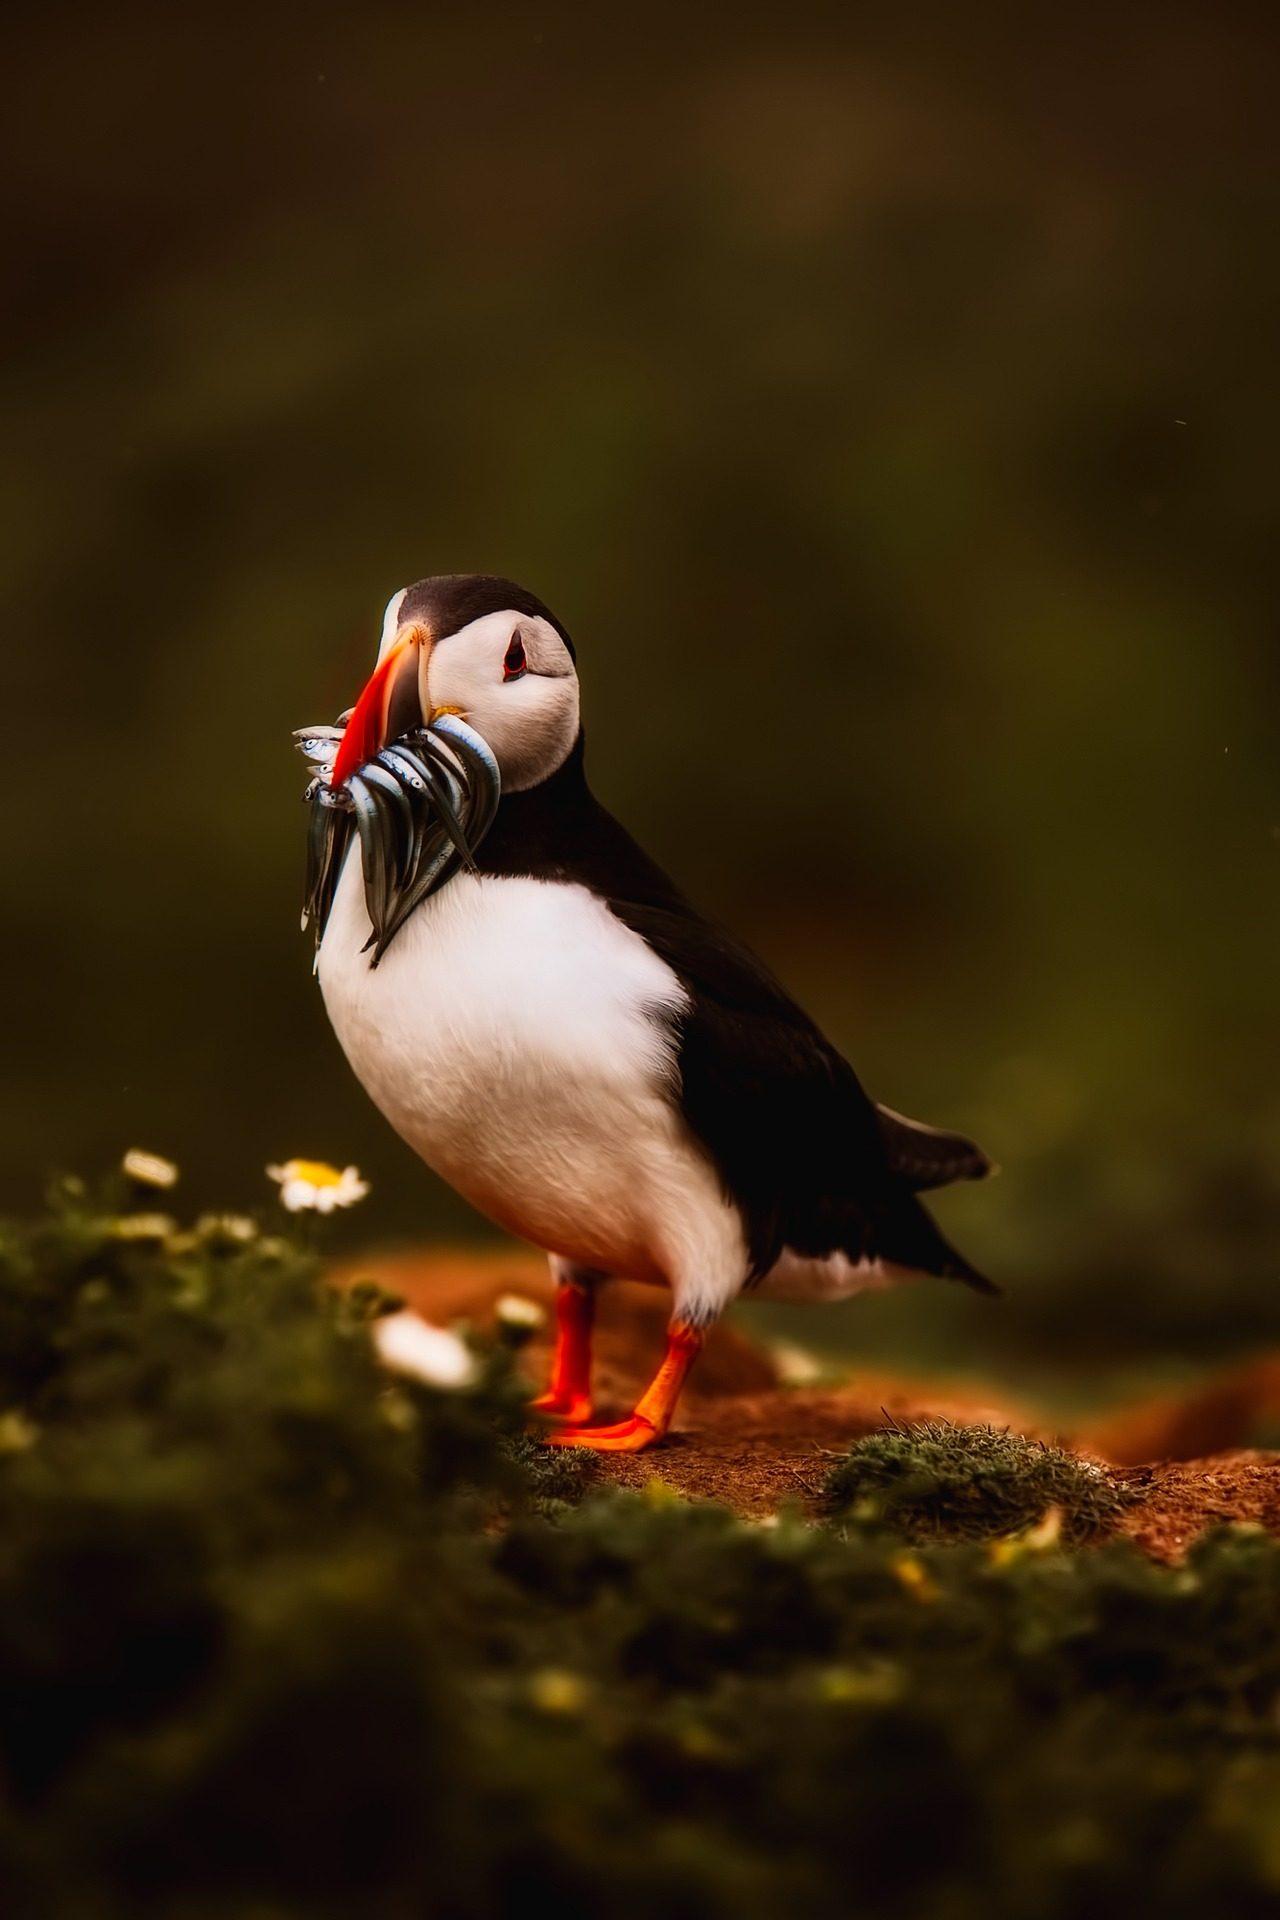 pingüino, picco, pesce, piumaggio, Ave - Sfondi HD - Professor-falken.com